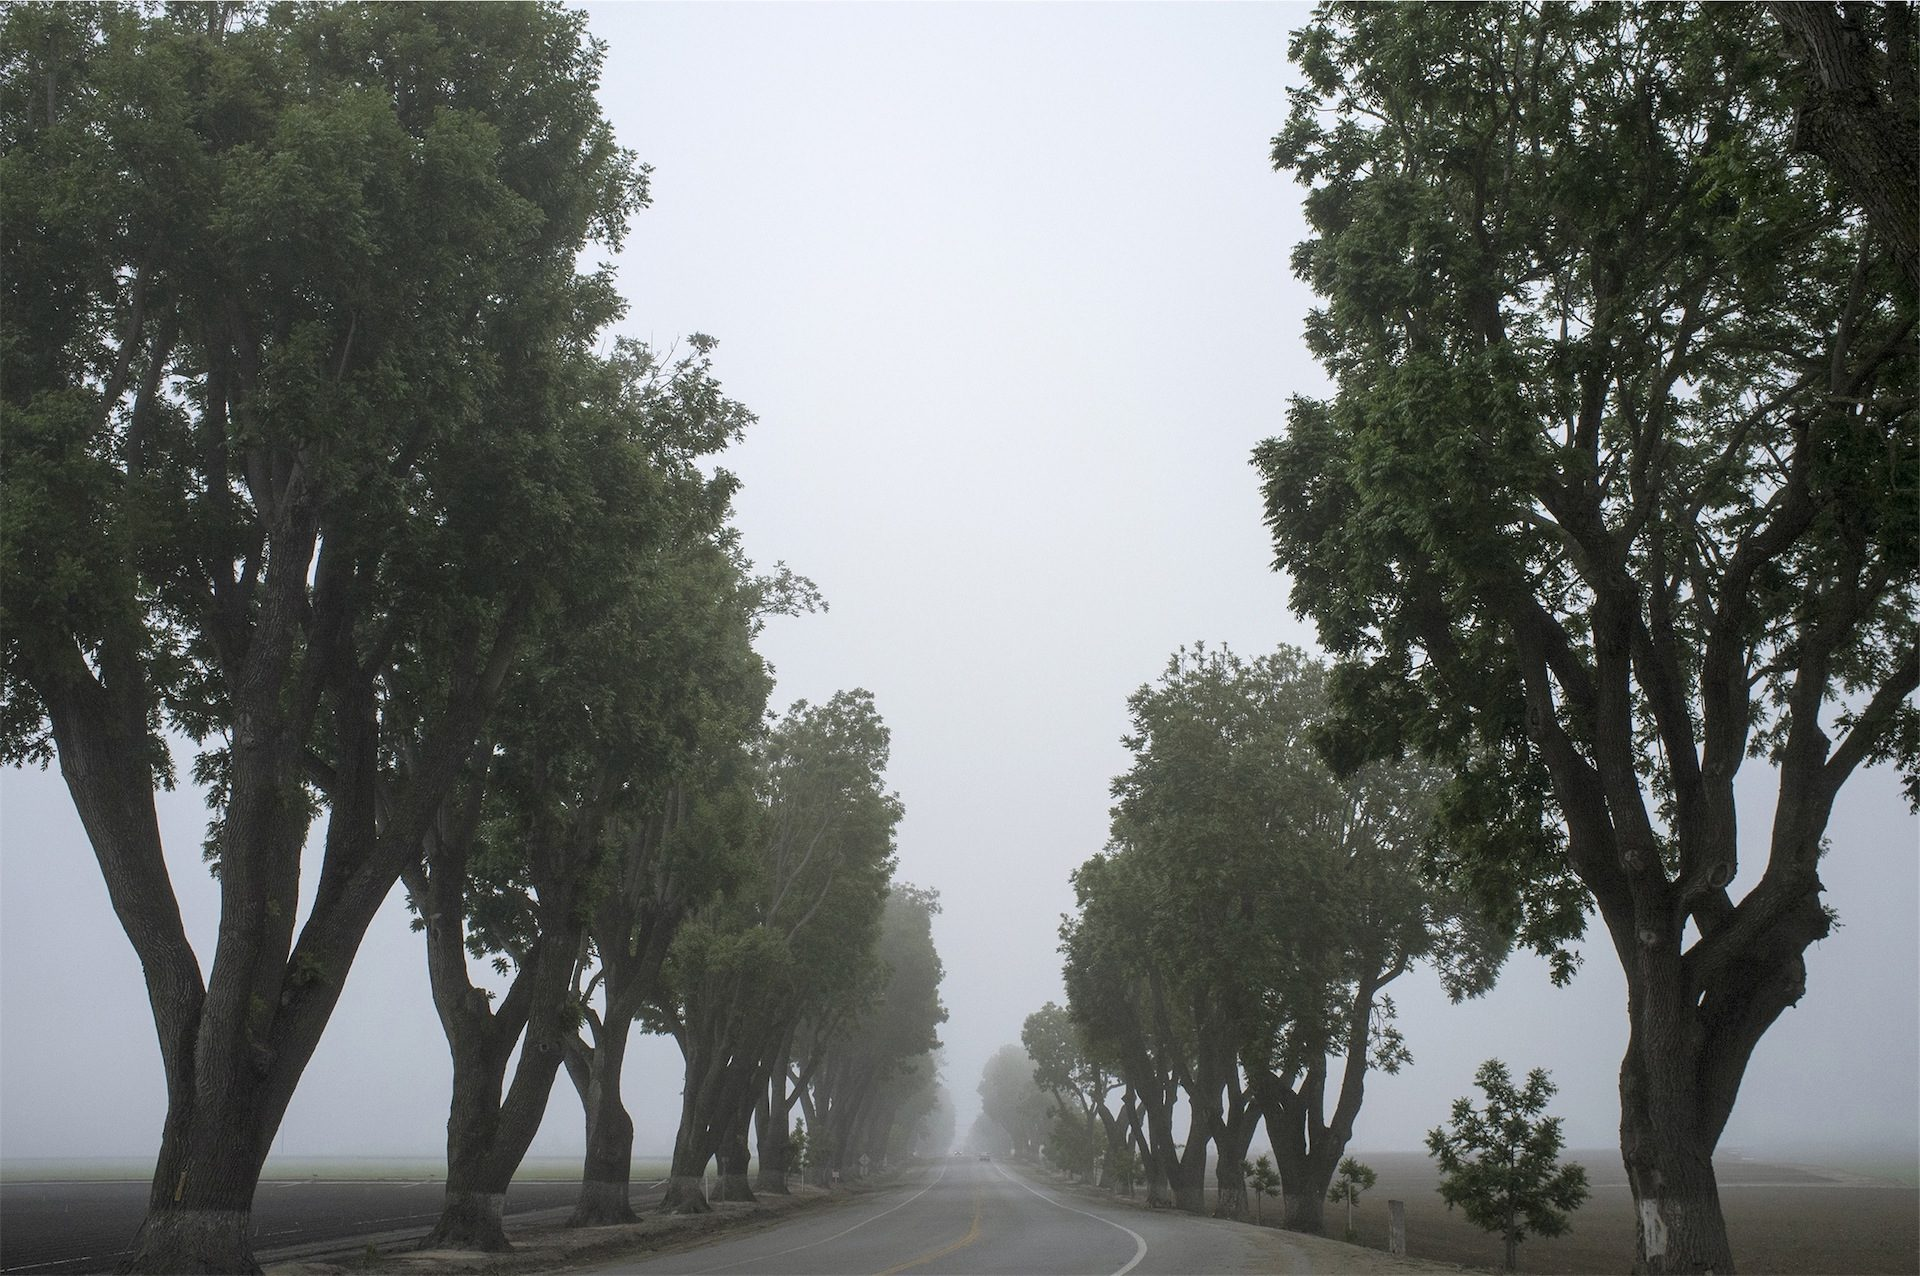 árvores, carretera, nevoeiro, amanheceEstradaino - Papéis de parede HD - Professor-falken.com